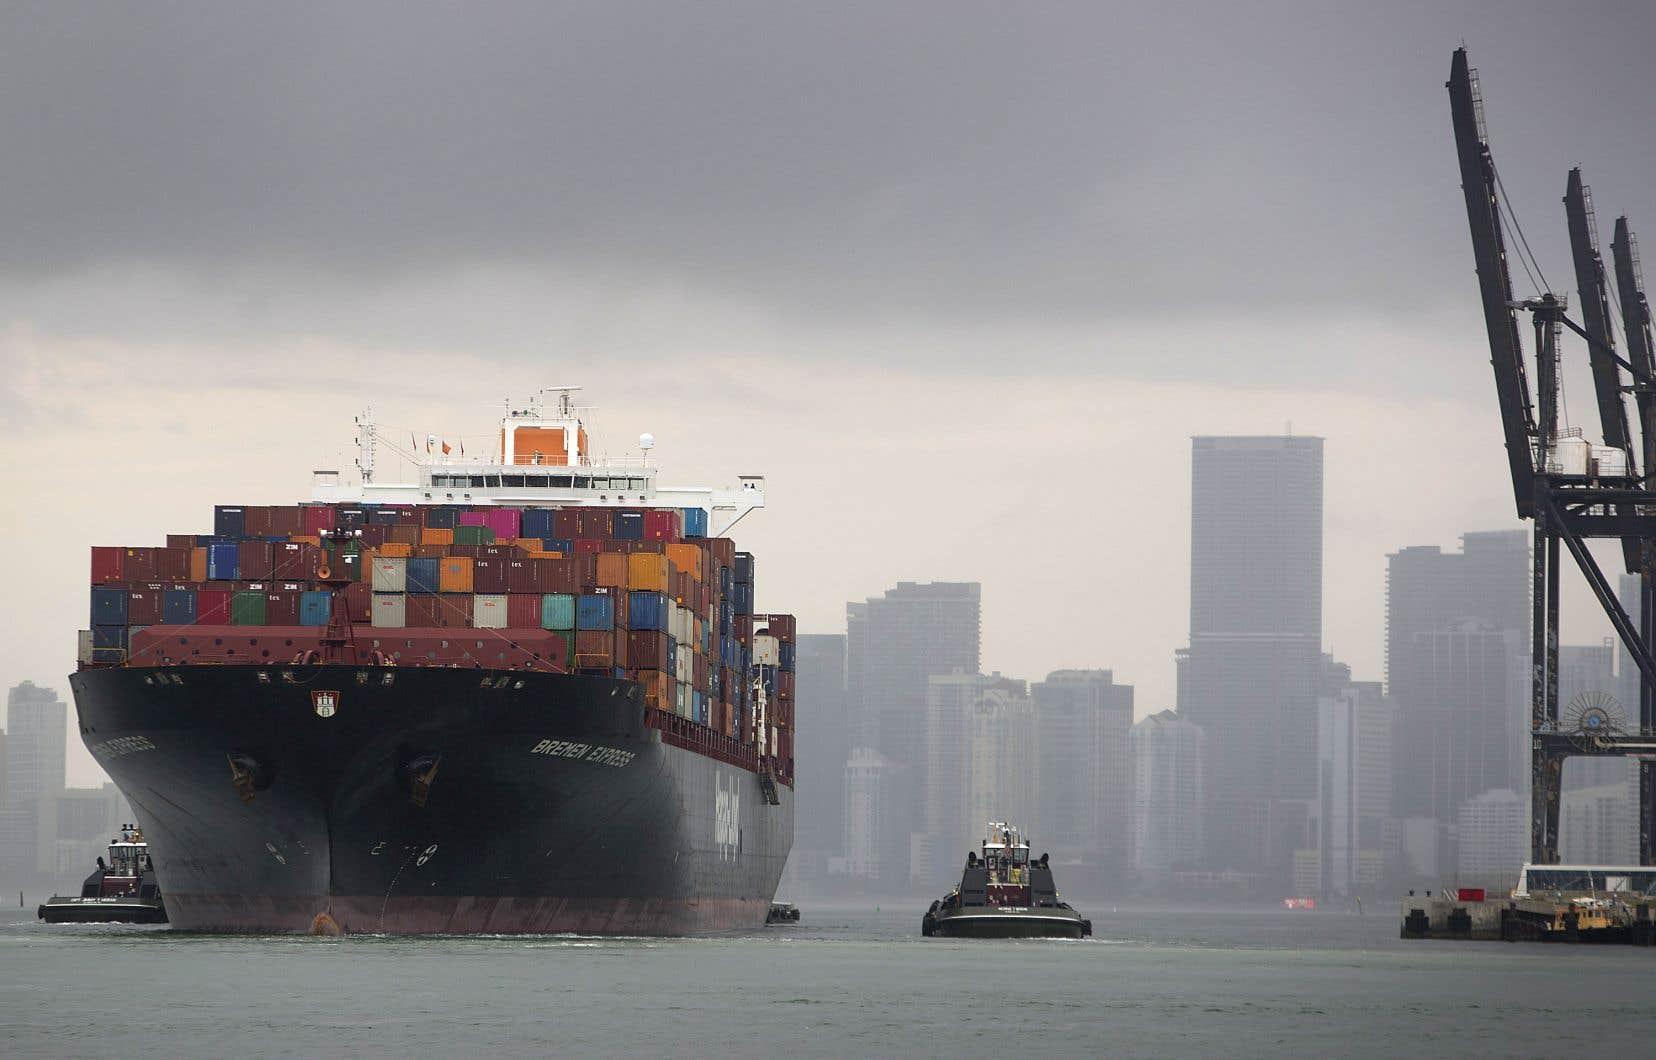 Les dommages infligés à l'économie mondiale pourraient être plus grands encore s'il venait au président américain Donald Trump l'envie d'ouvrir un énième front à sa guerre commerciale contre le reste du monde.